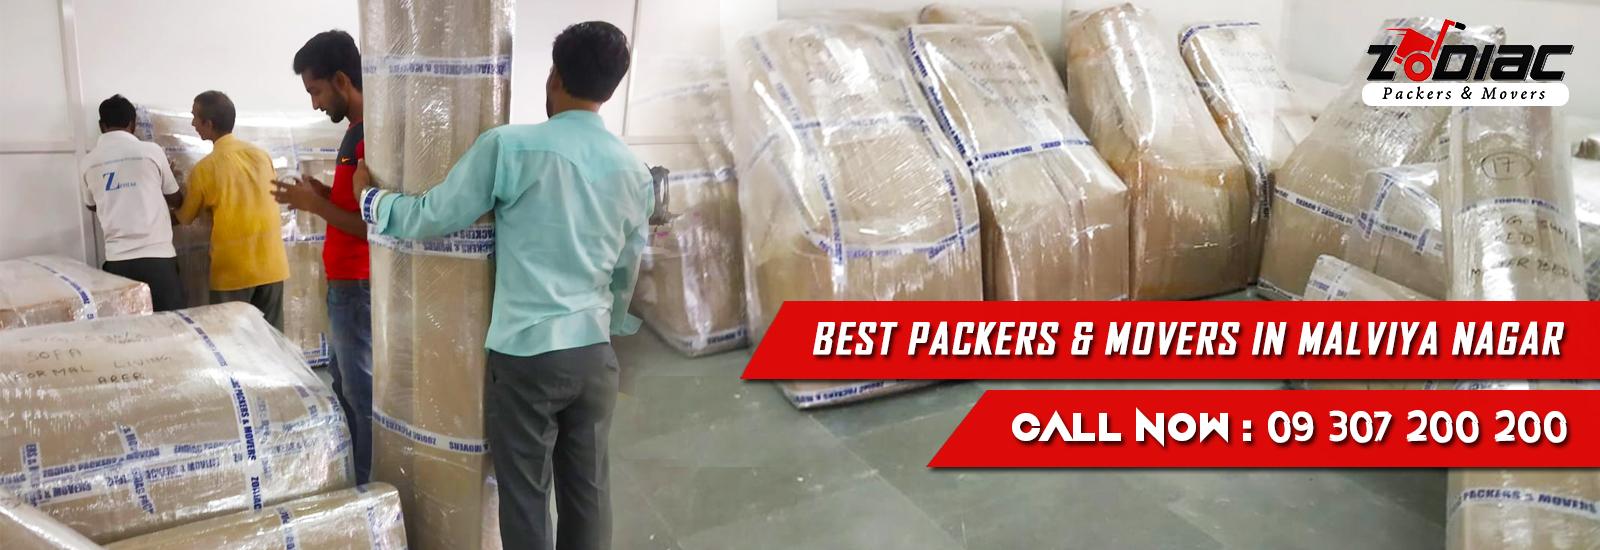 Packers and Movers in Malviya Nagar